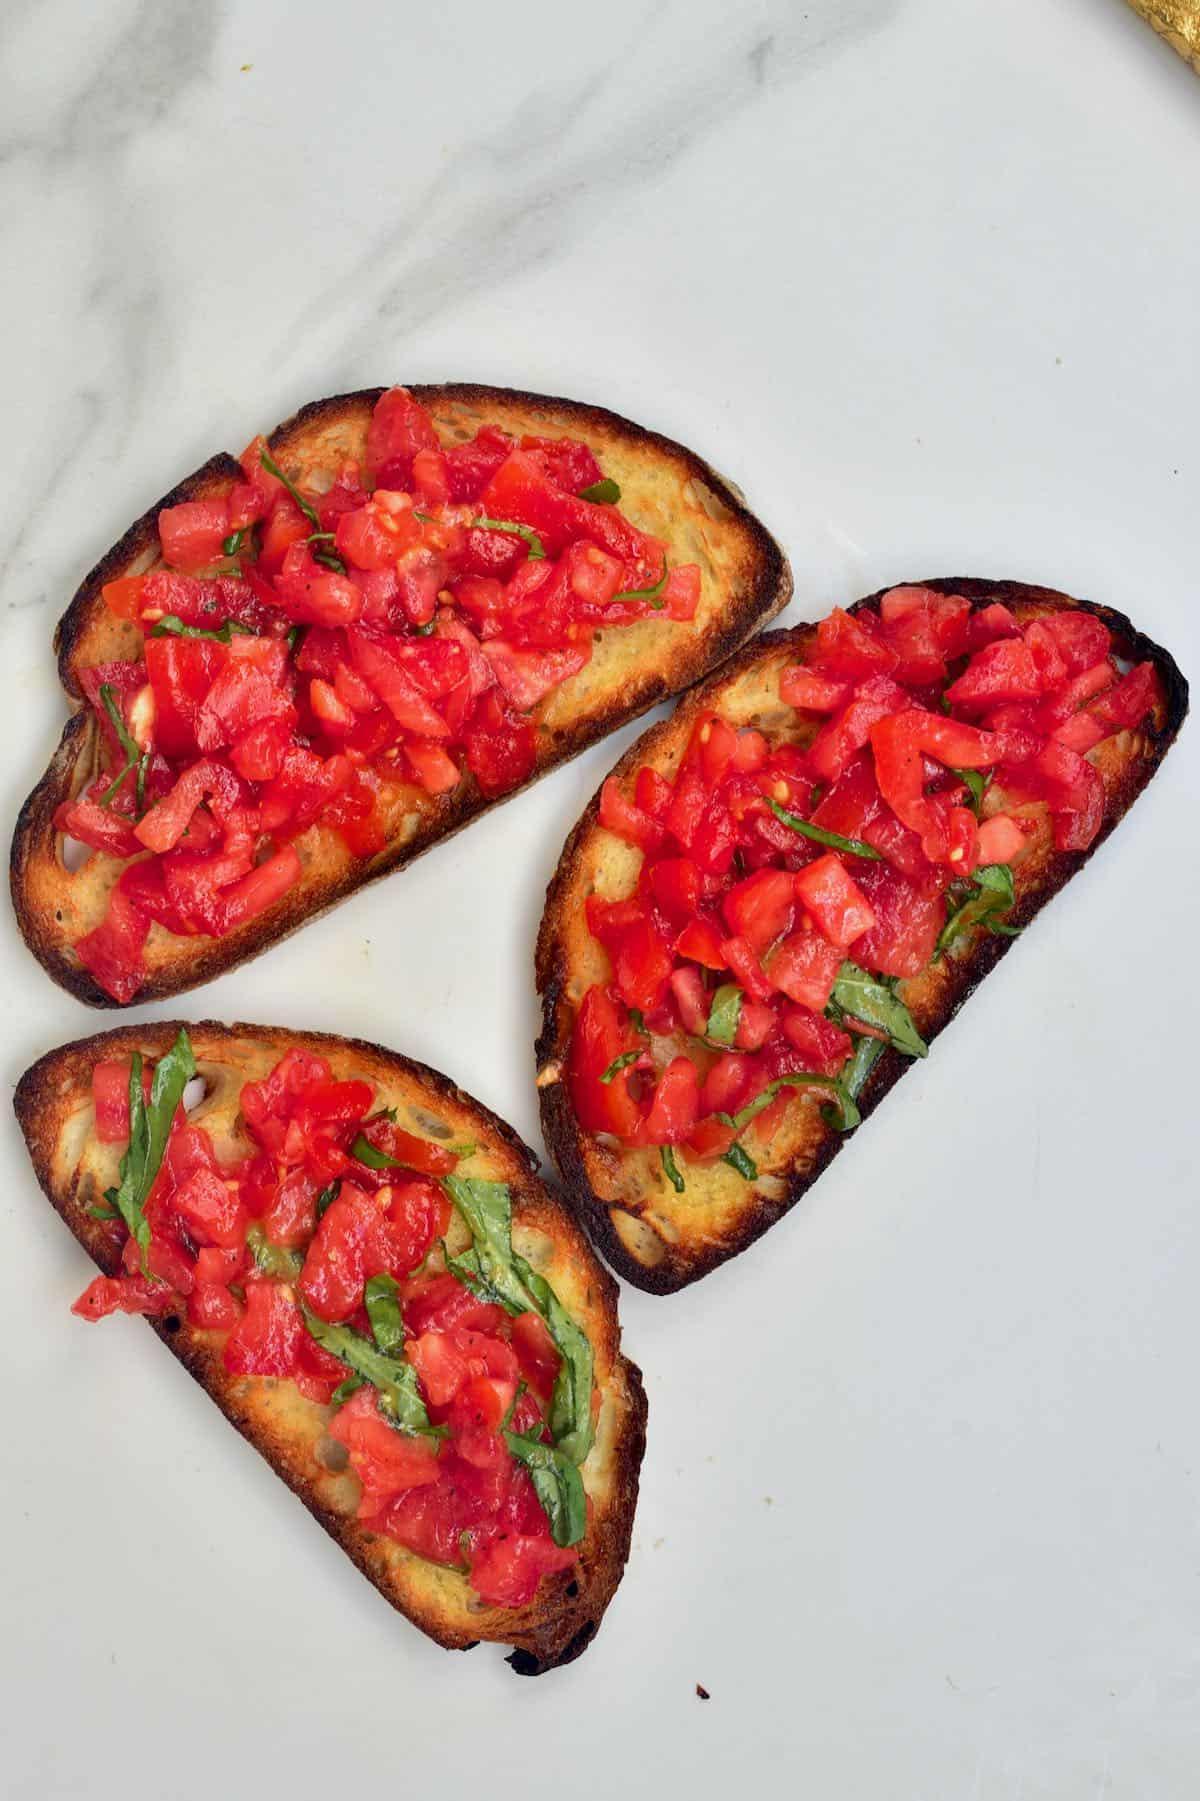 Three tomato bruschetta on flat surface